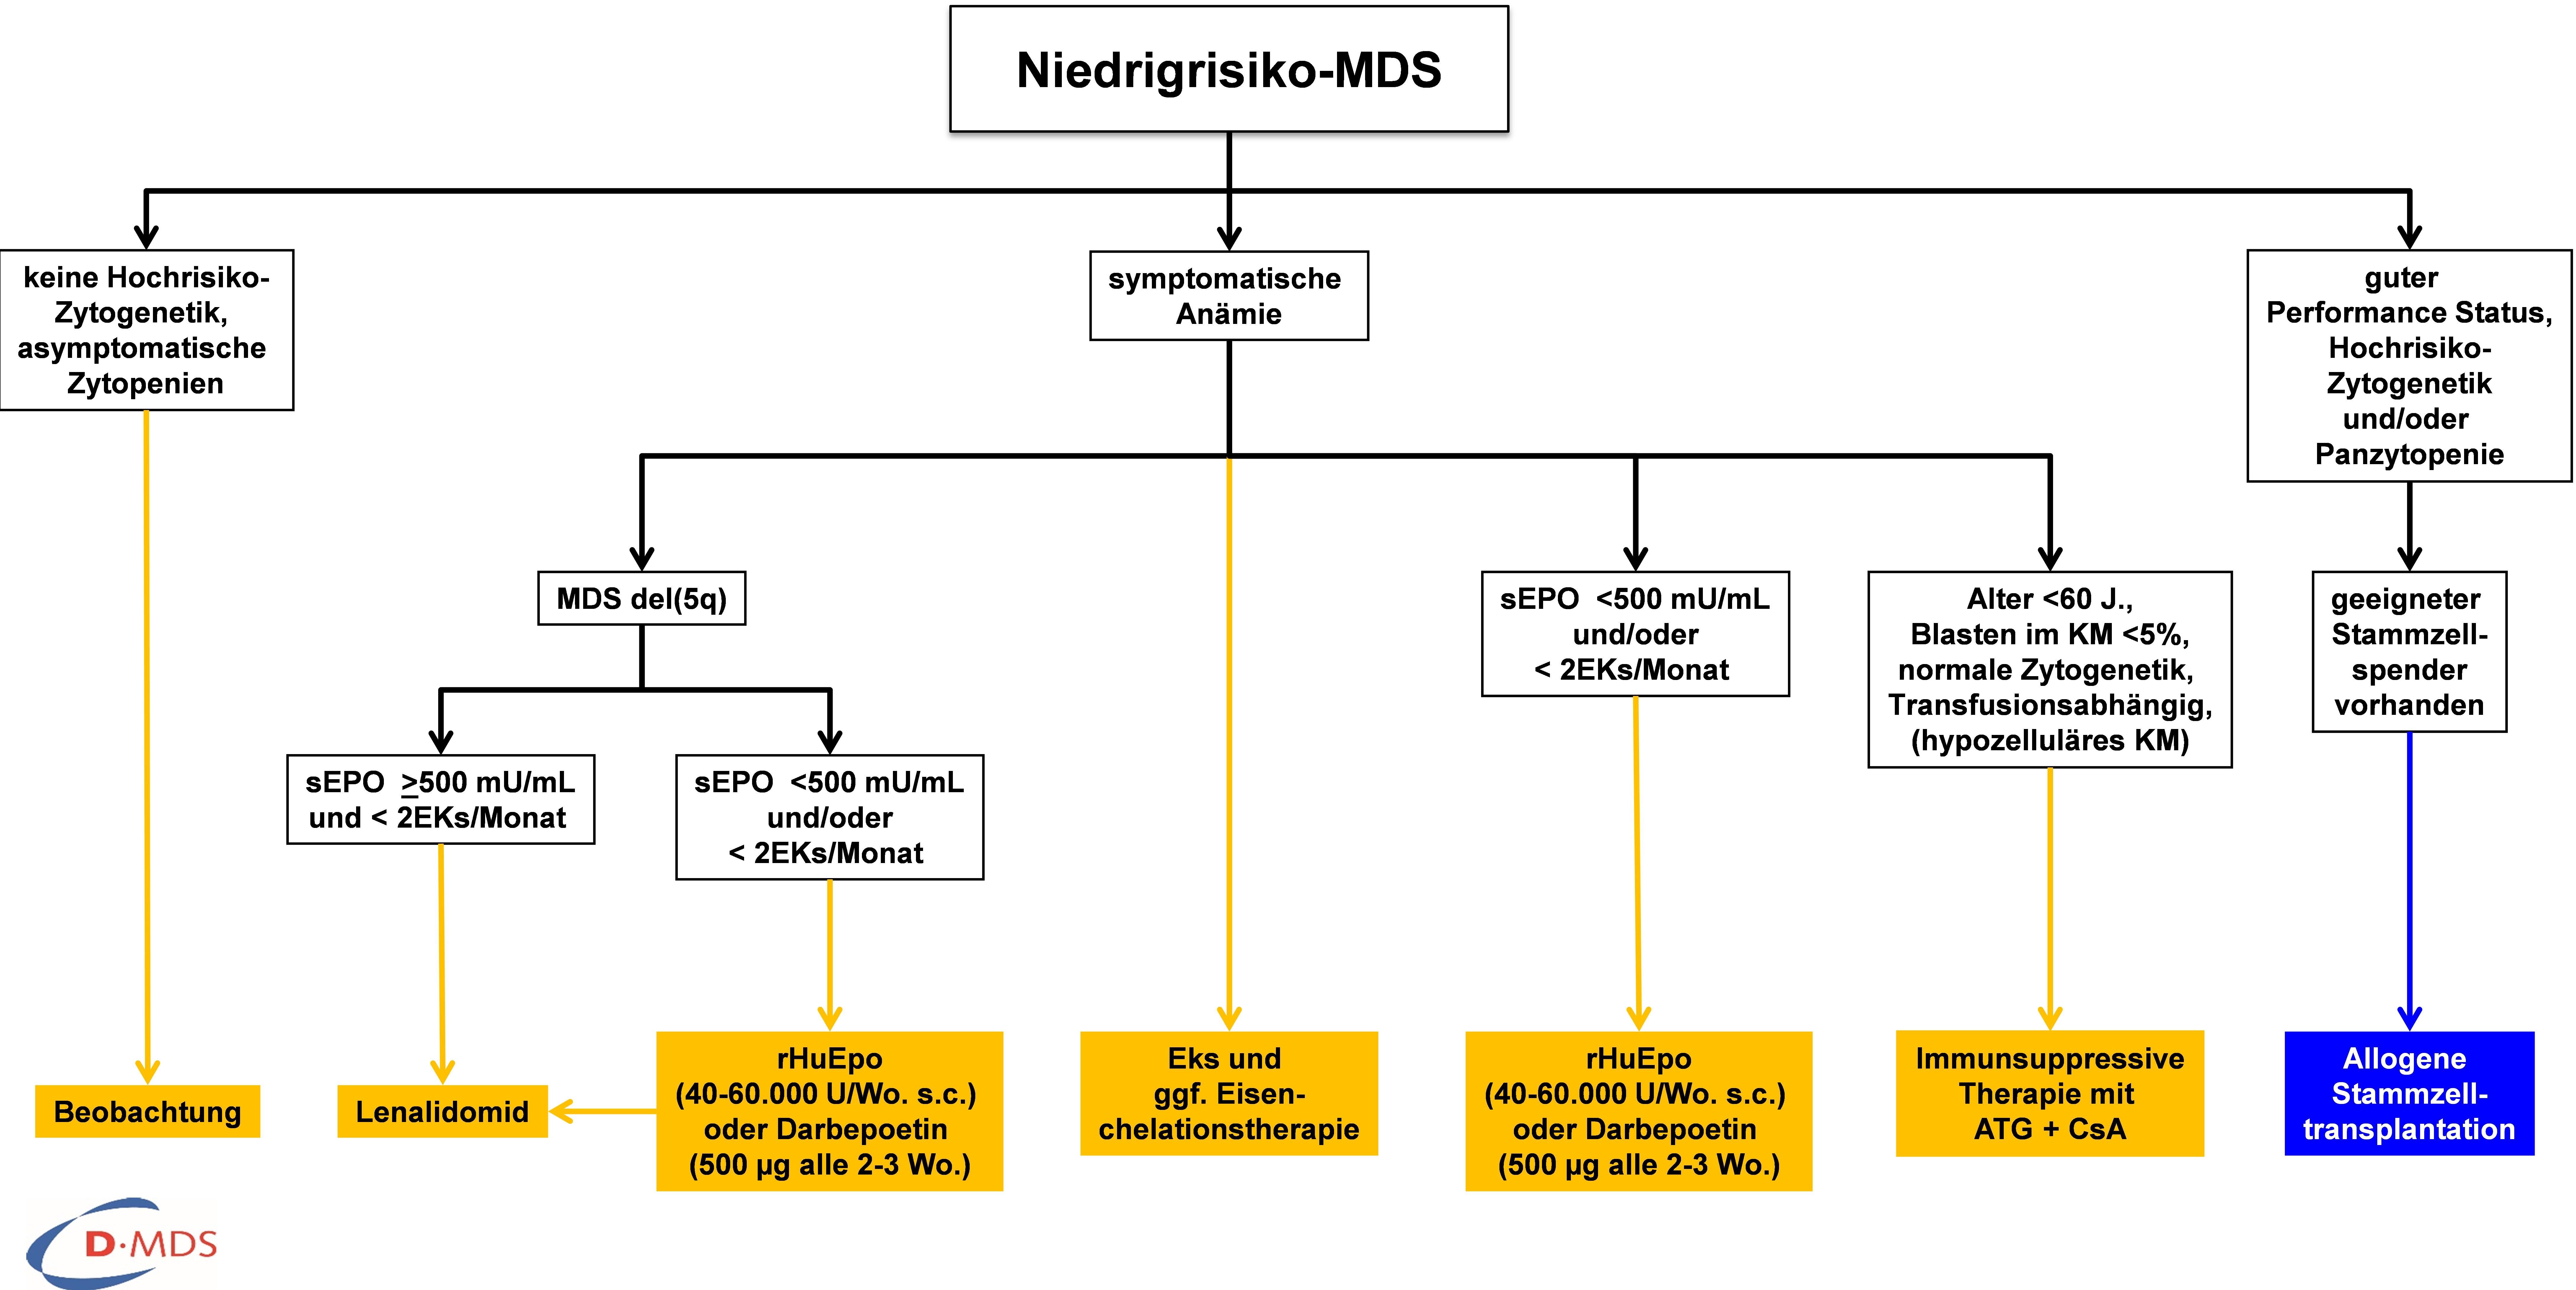 Therapie bei Myelodysplastischem Syndrom (Niedrigrisiko)